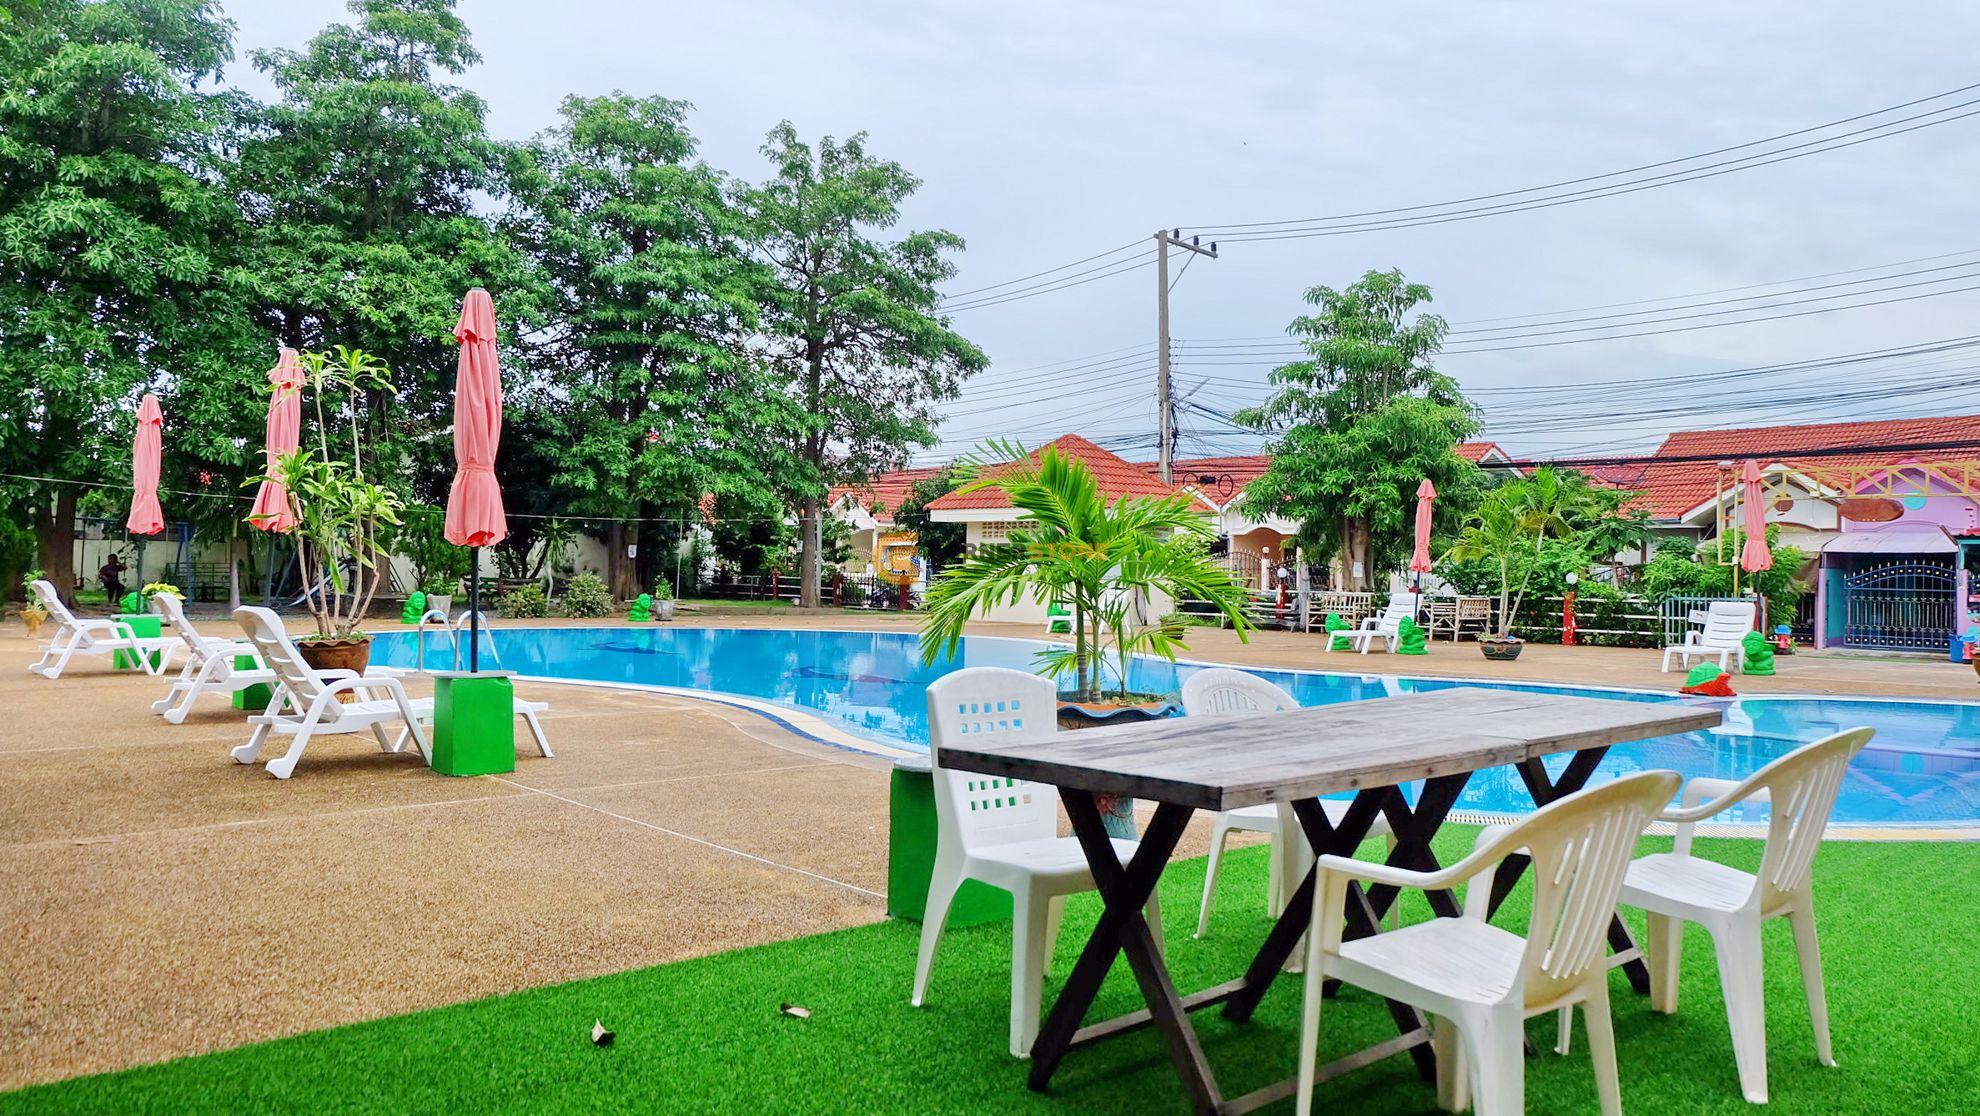 Chockchai Garden Home 1